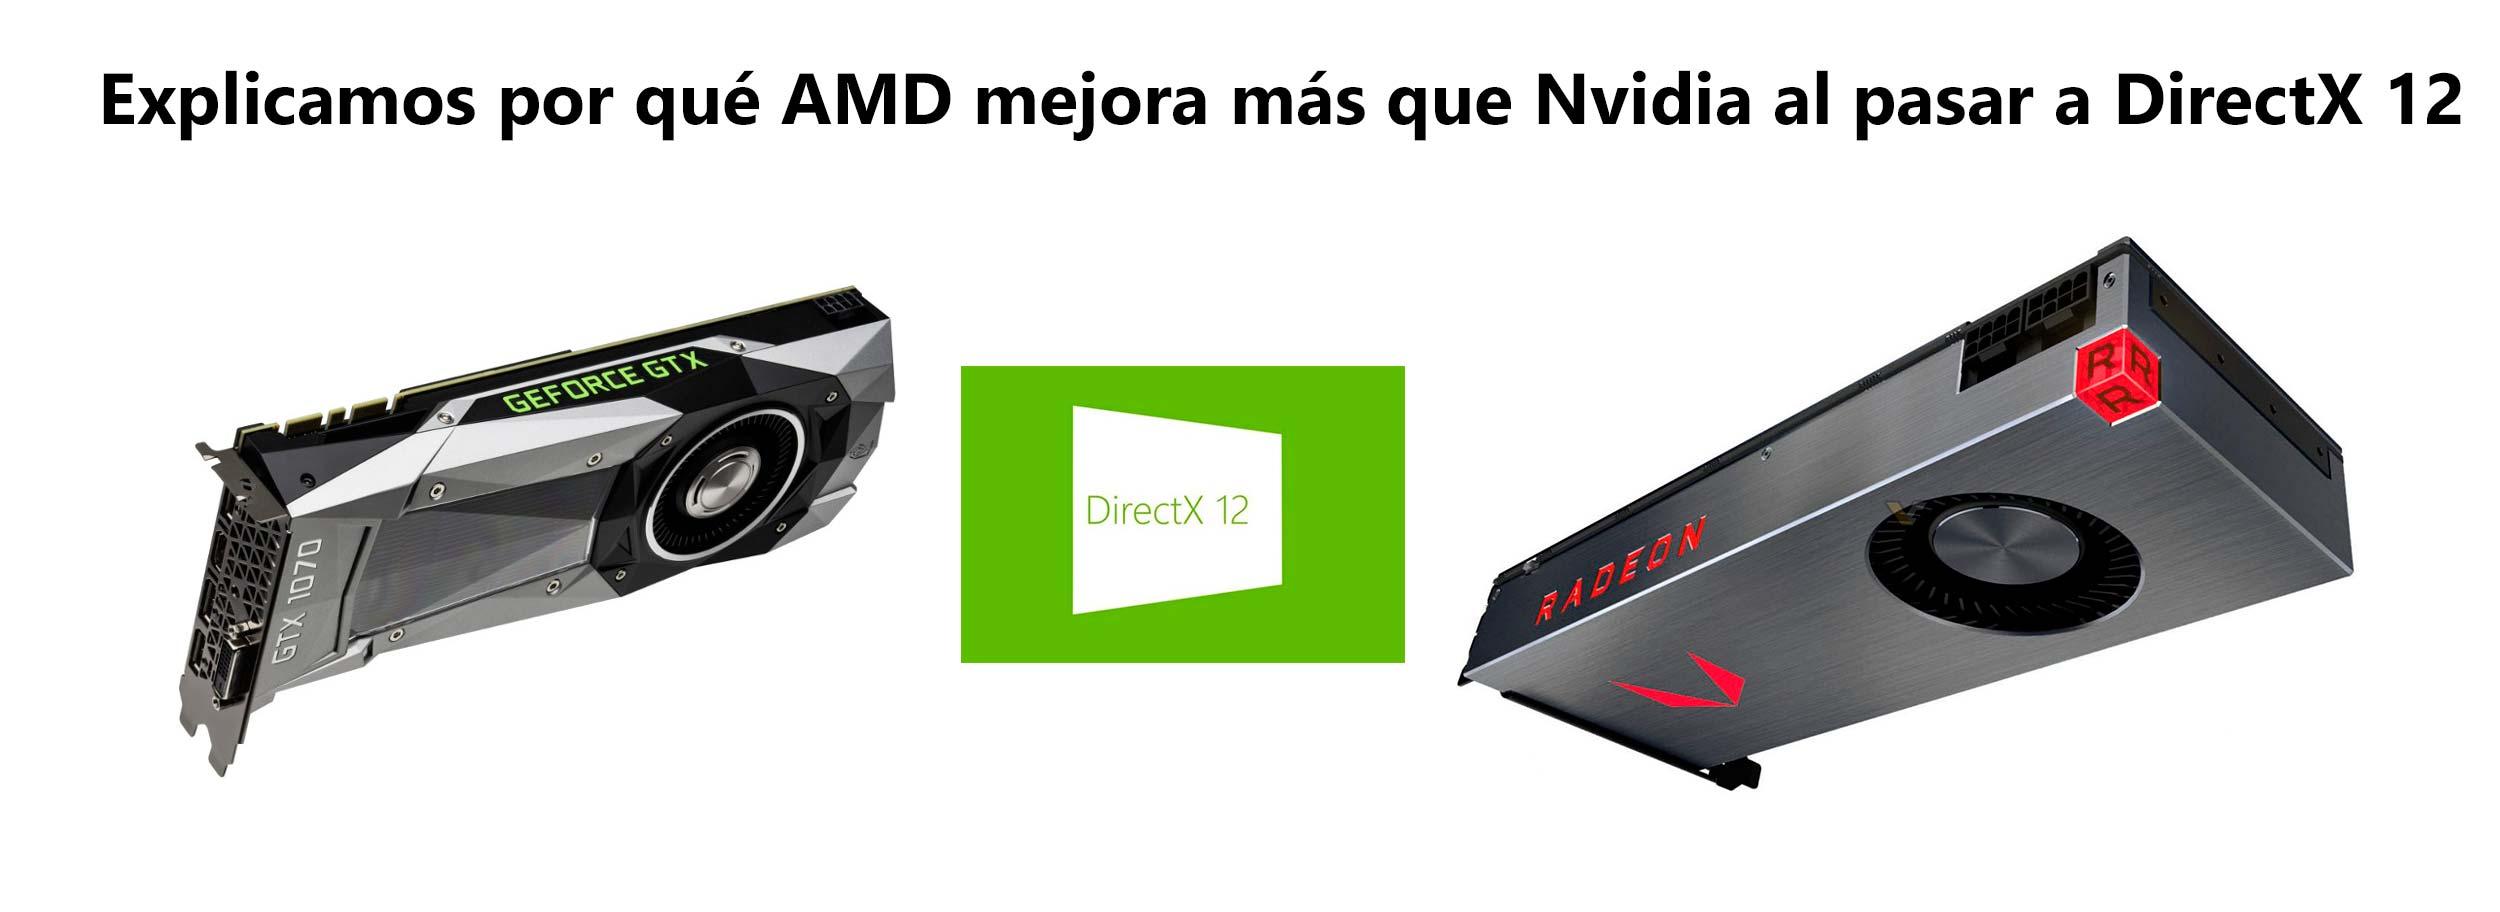 Explicamos por qué AMD mejora más que Nvidia al pasar a